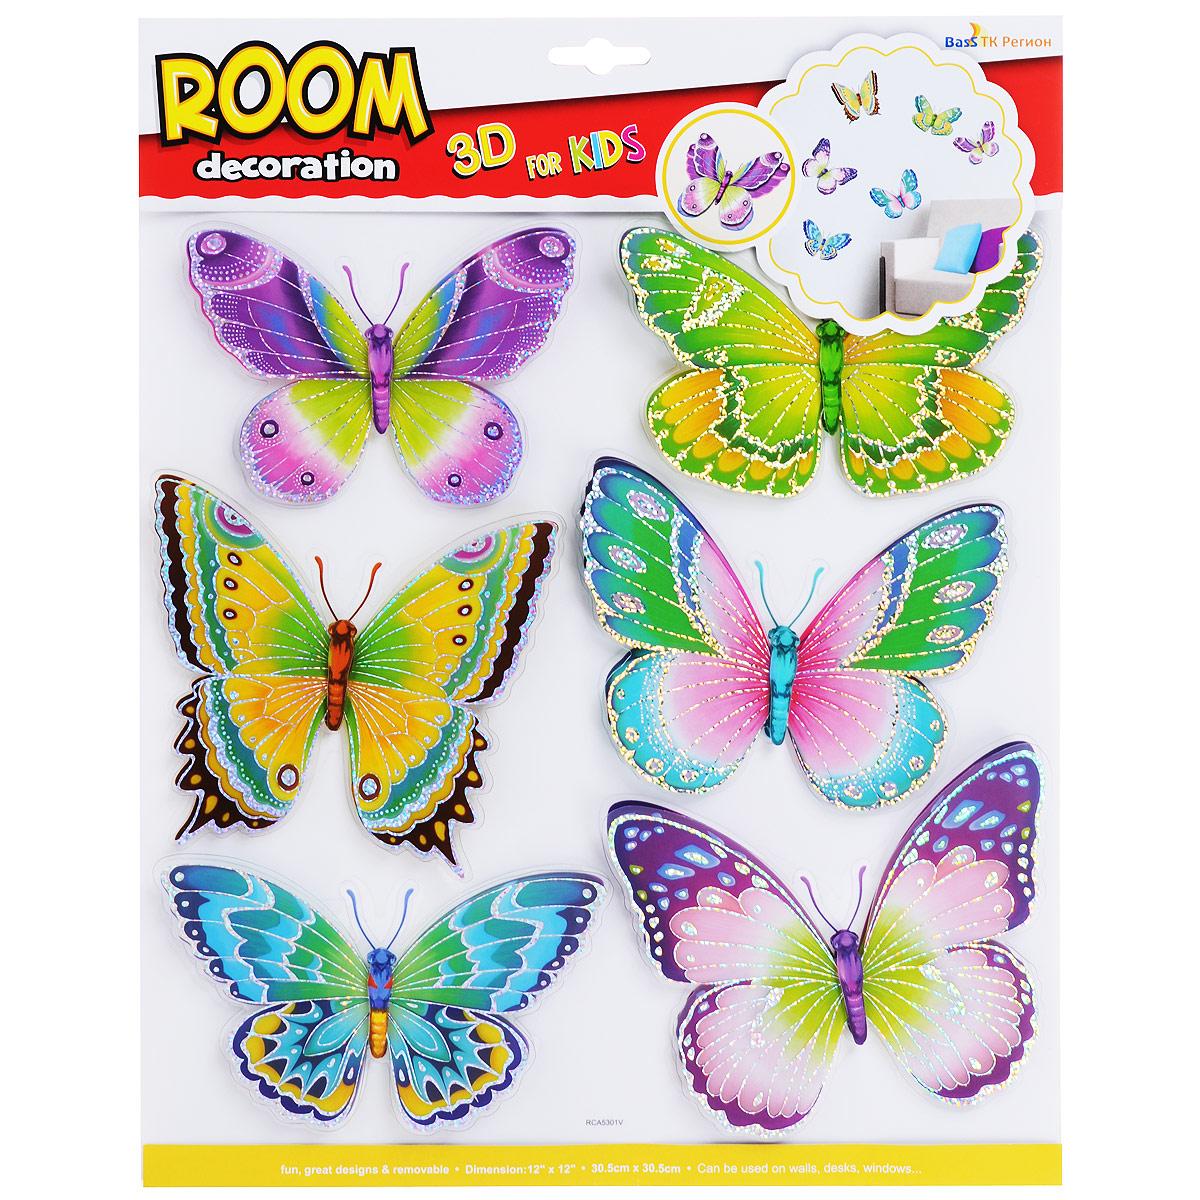 """Наклейки для интерьера Room Decoration """"Разноцветные бабочки"""", 31,5 х 30,5 см"""